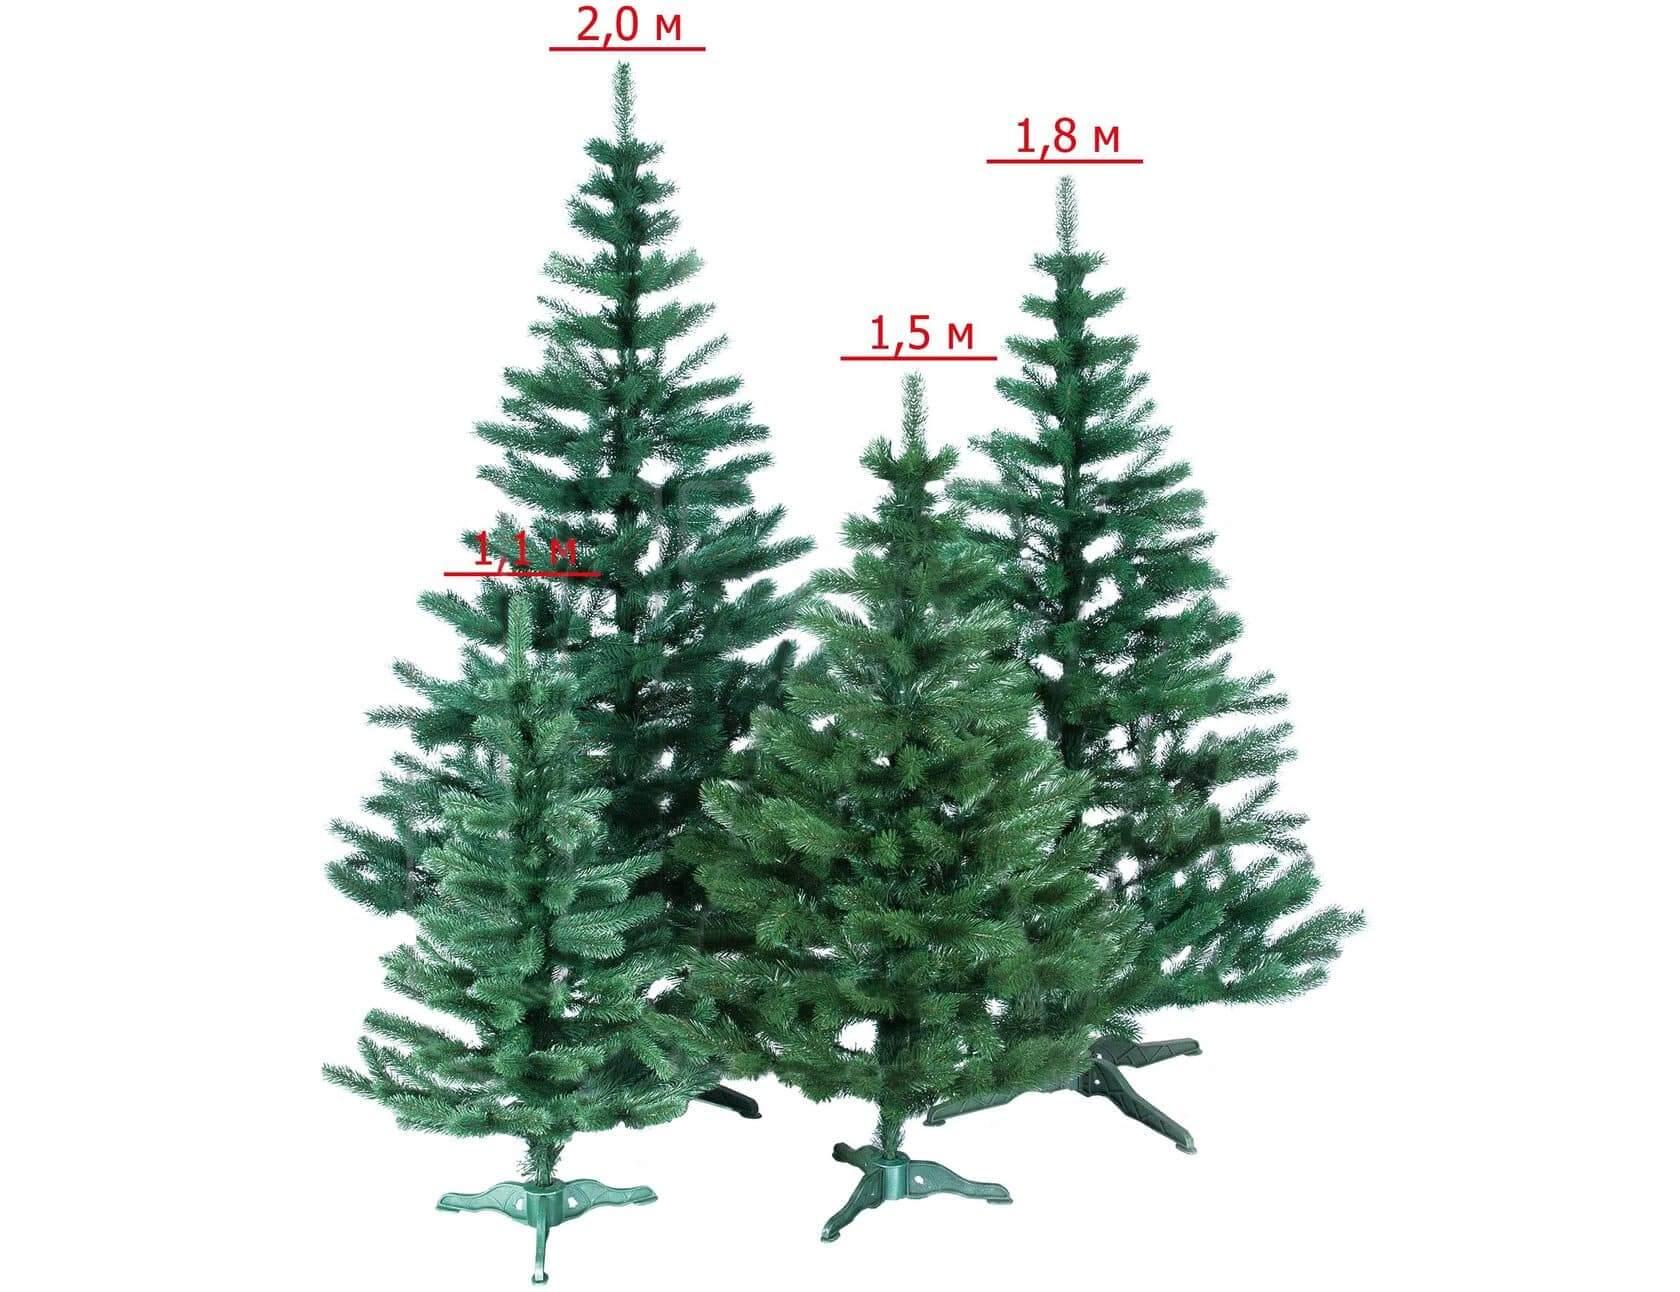 Искусственные елки разной высоты